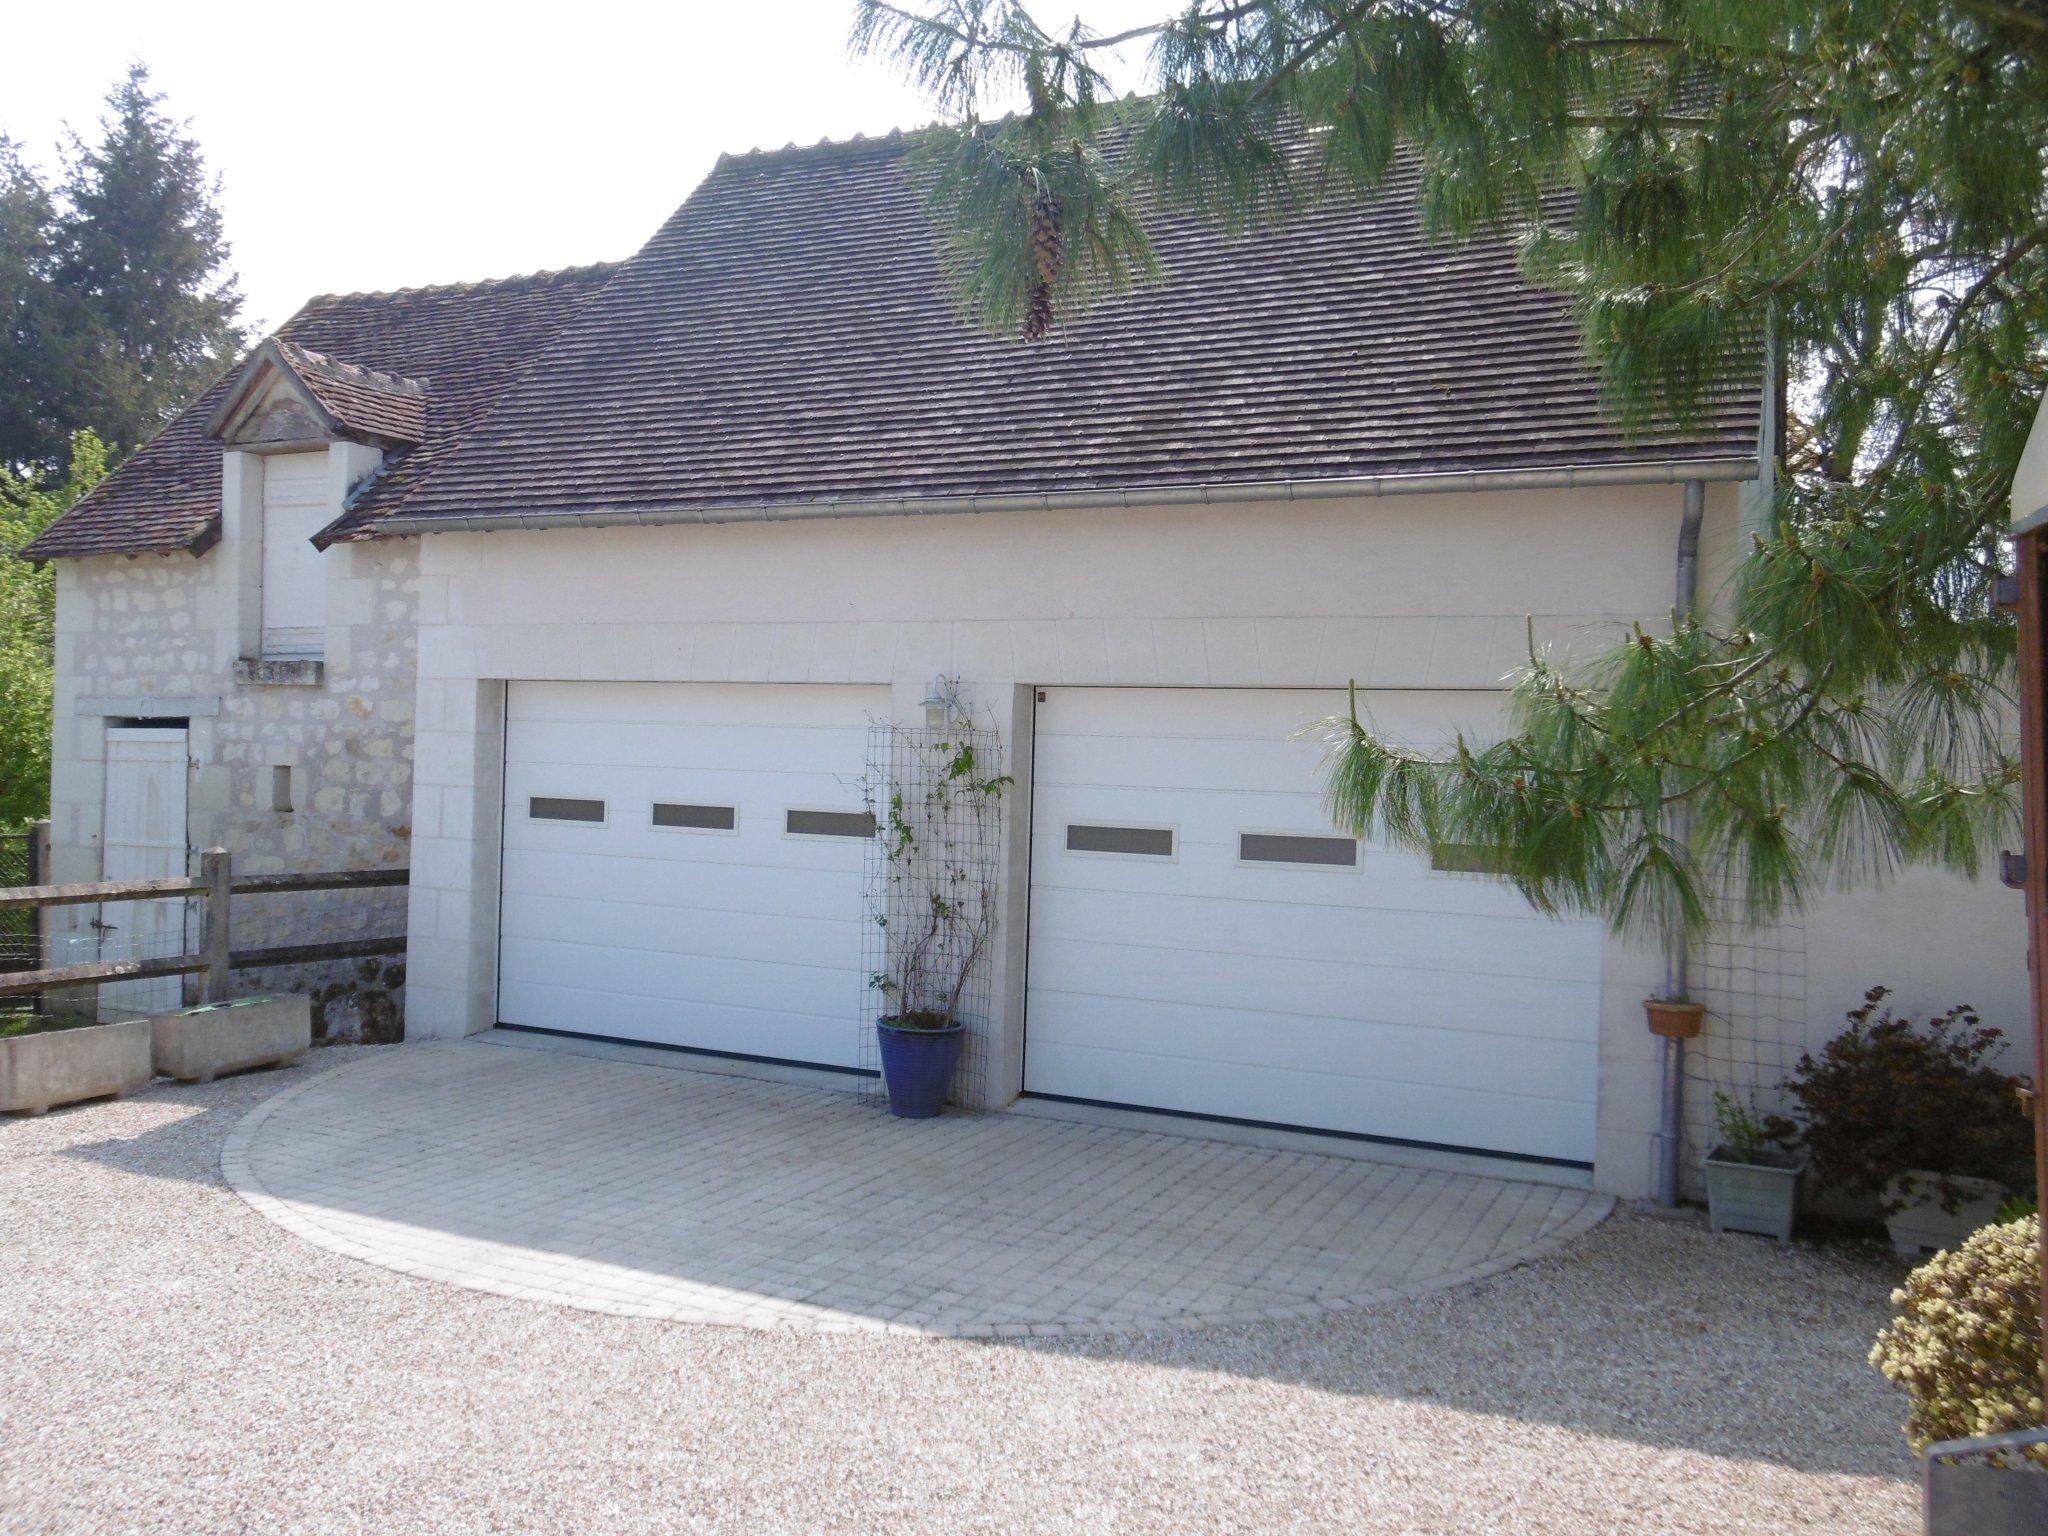 Vente Maison À Vendre À Saint Aignan Sur Cher avec Chambre D Hote Saint Aignan Sur Cher